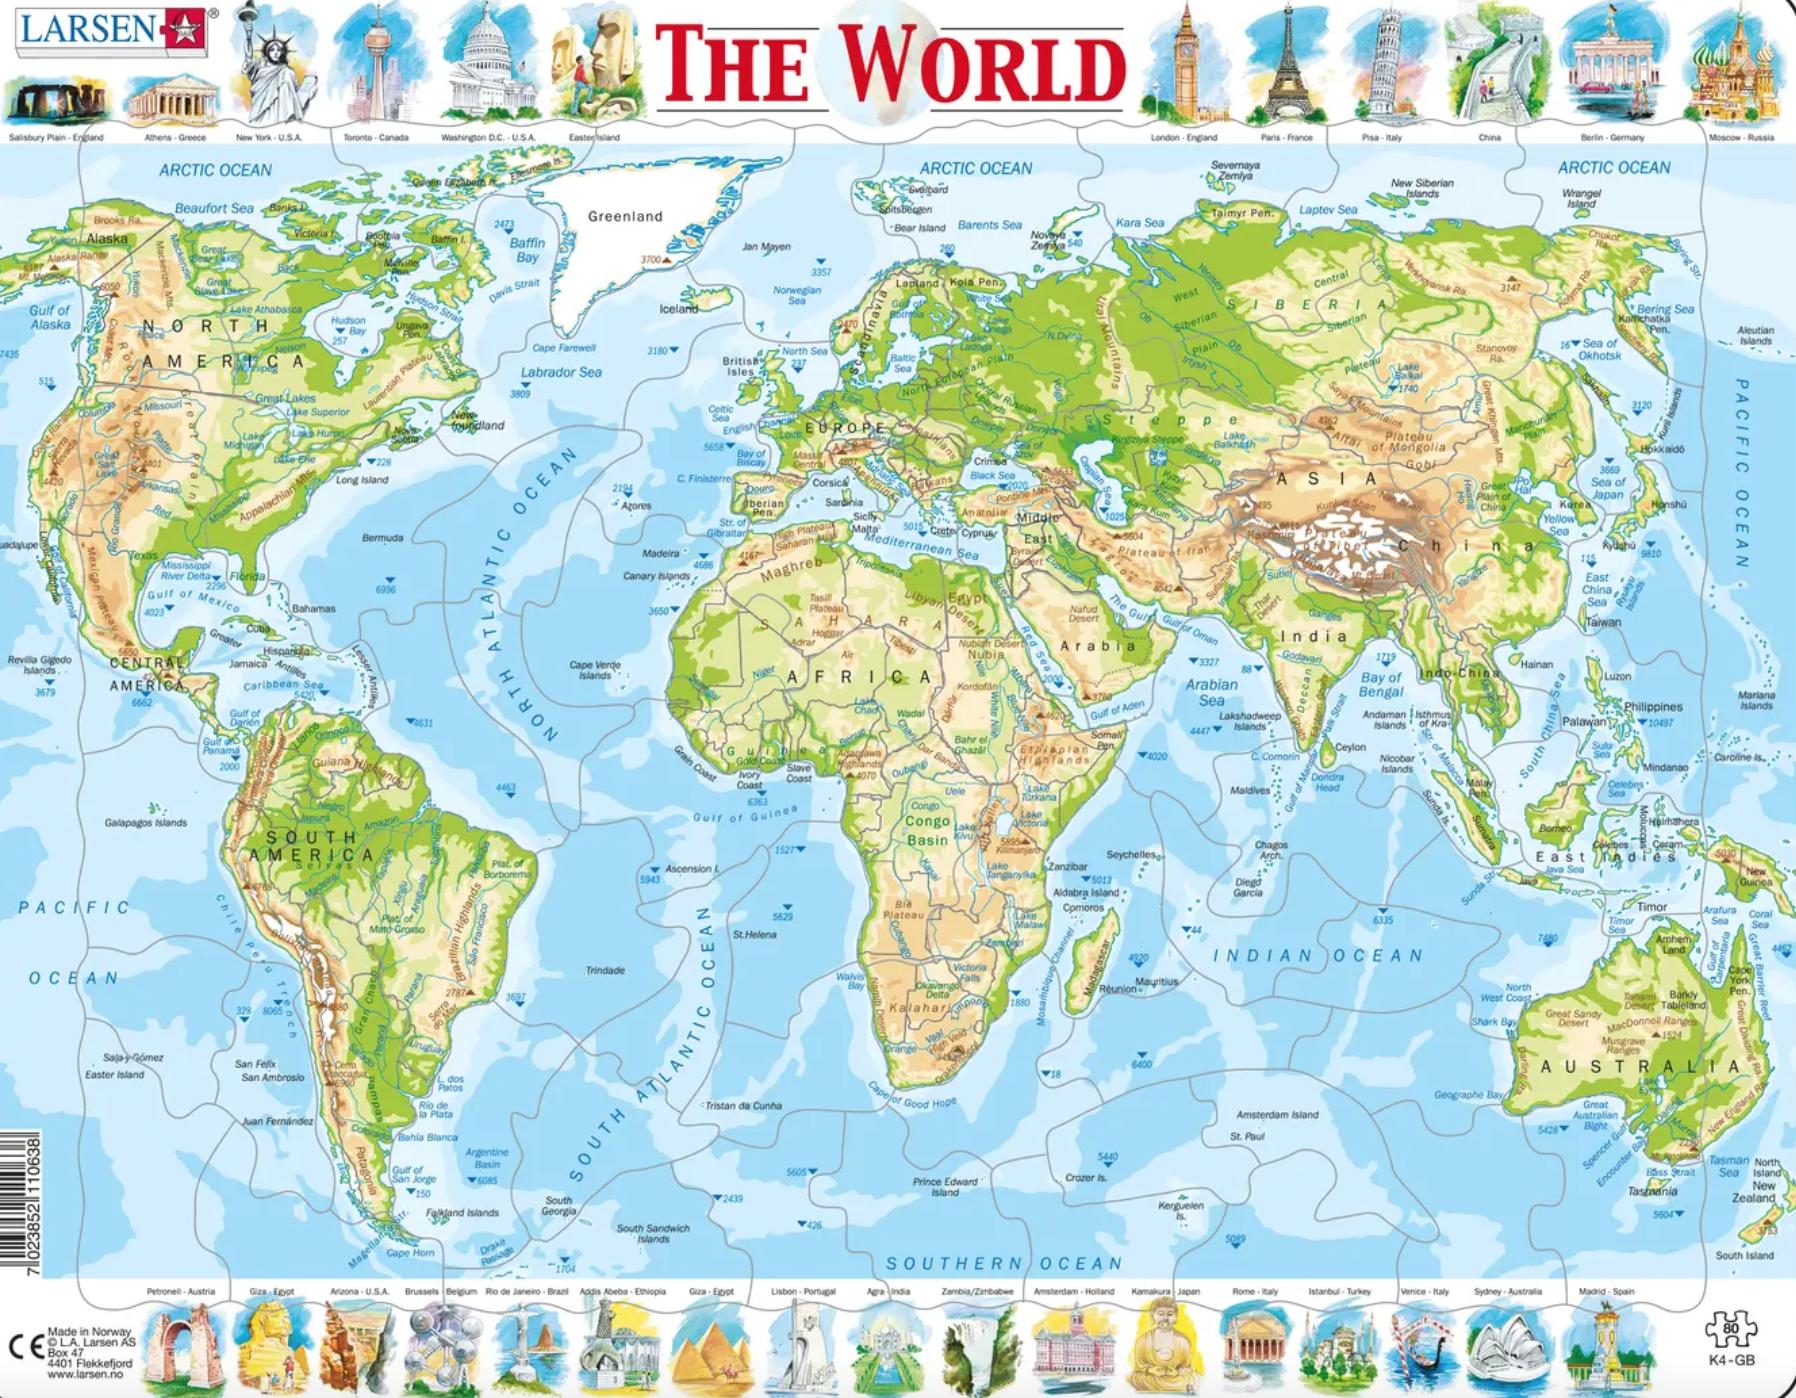 Puzzle Do Mapa do Mundo - Larsen